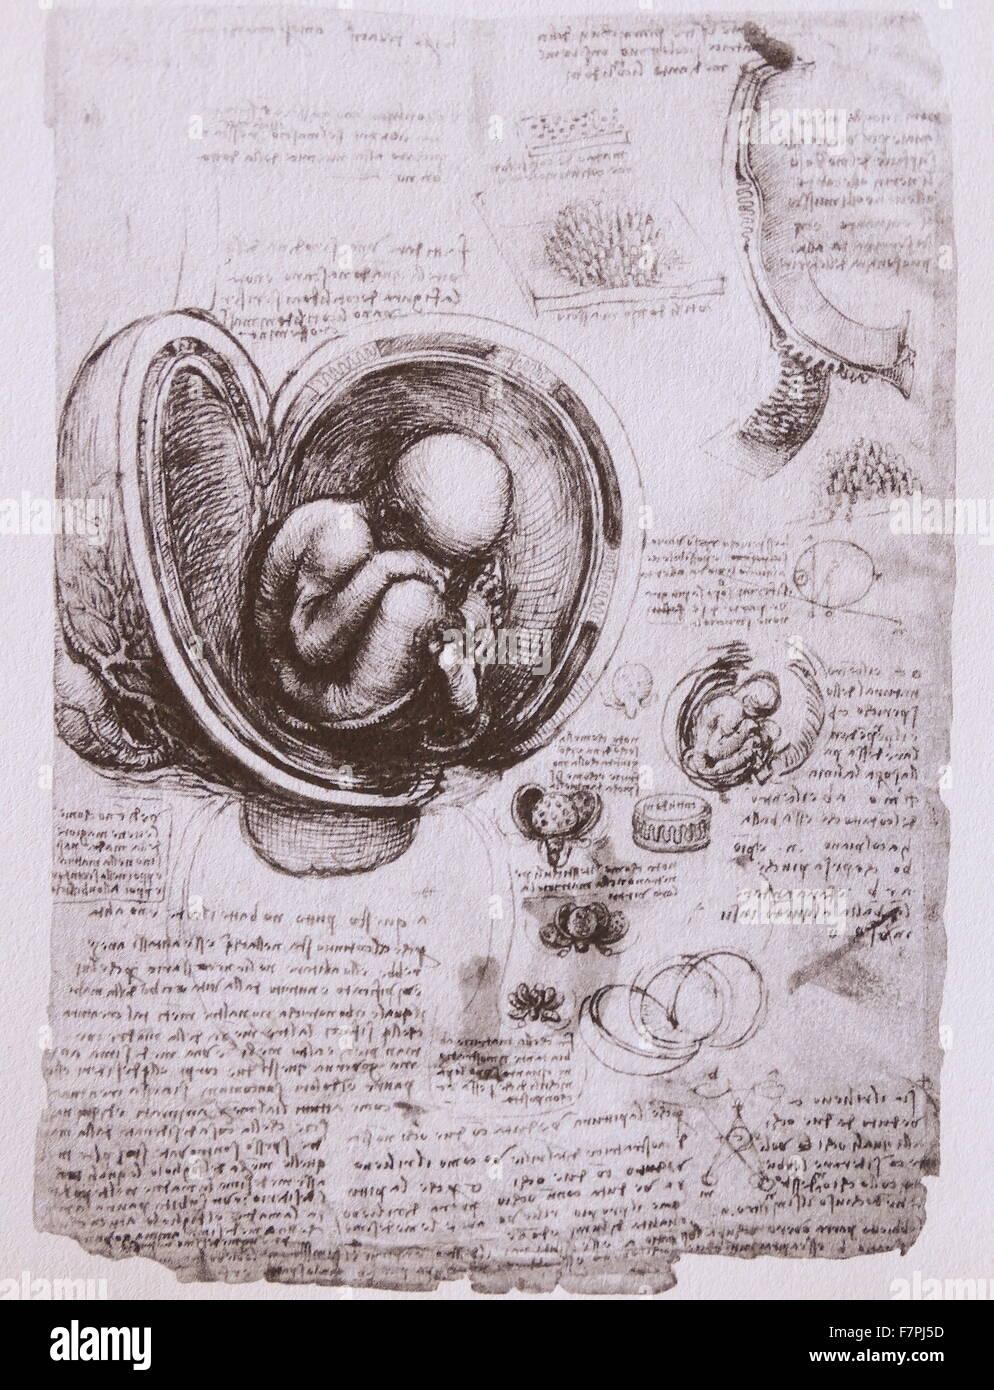 Anatomical Sketch By Leonardo Da Vinci 1452 1519 Italian Polymath